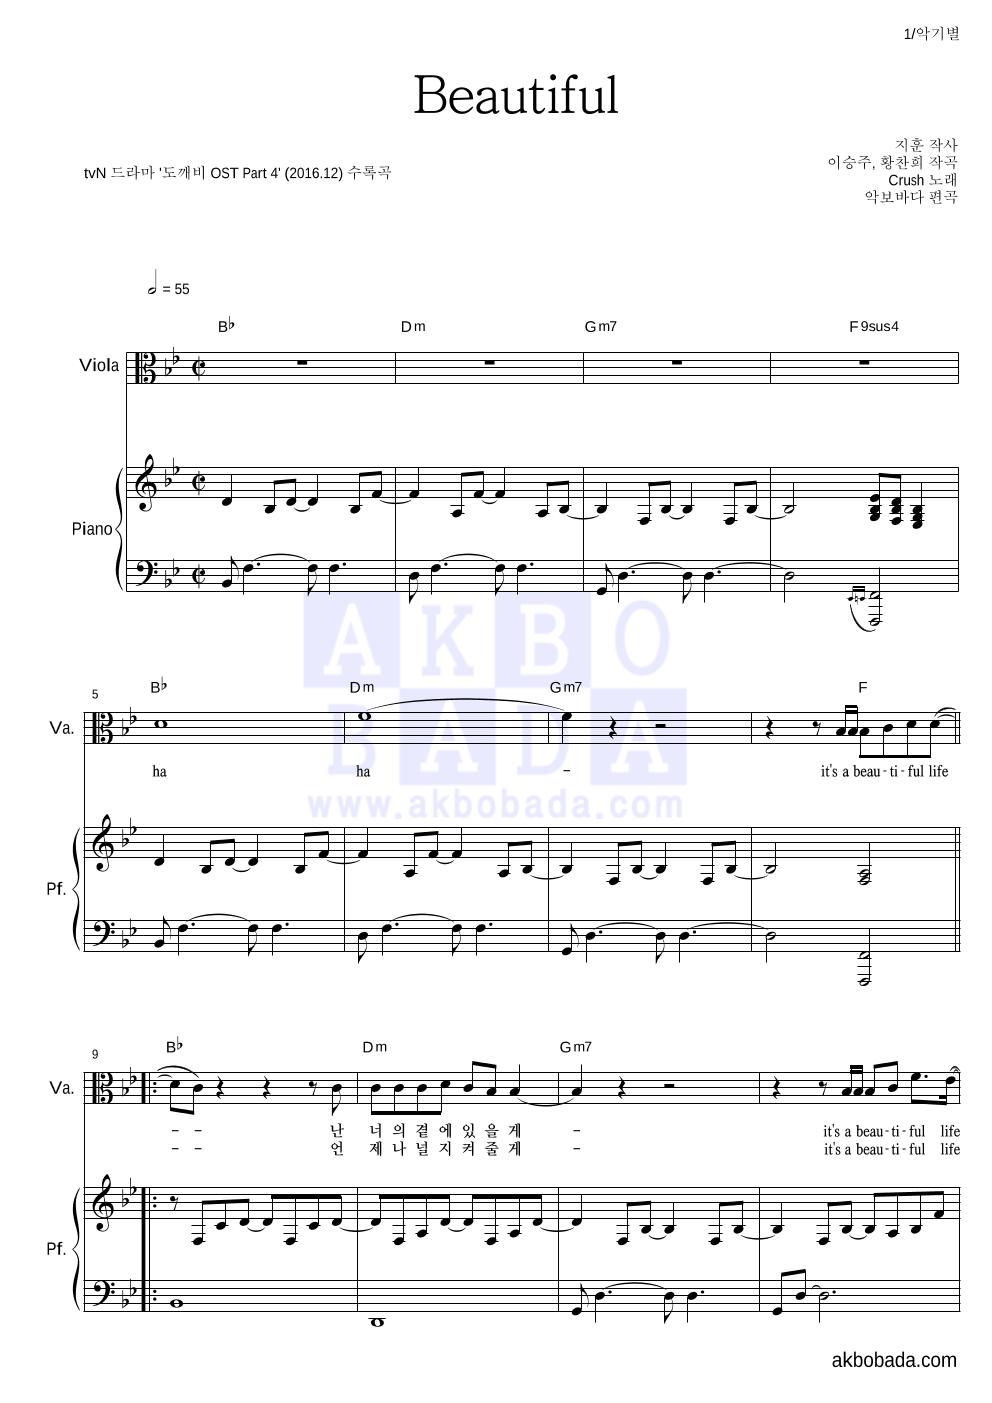 크러쉬 - Beautiful 비올라&피아노 악보